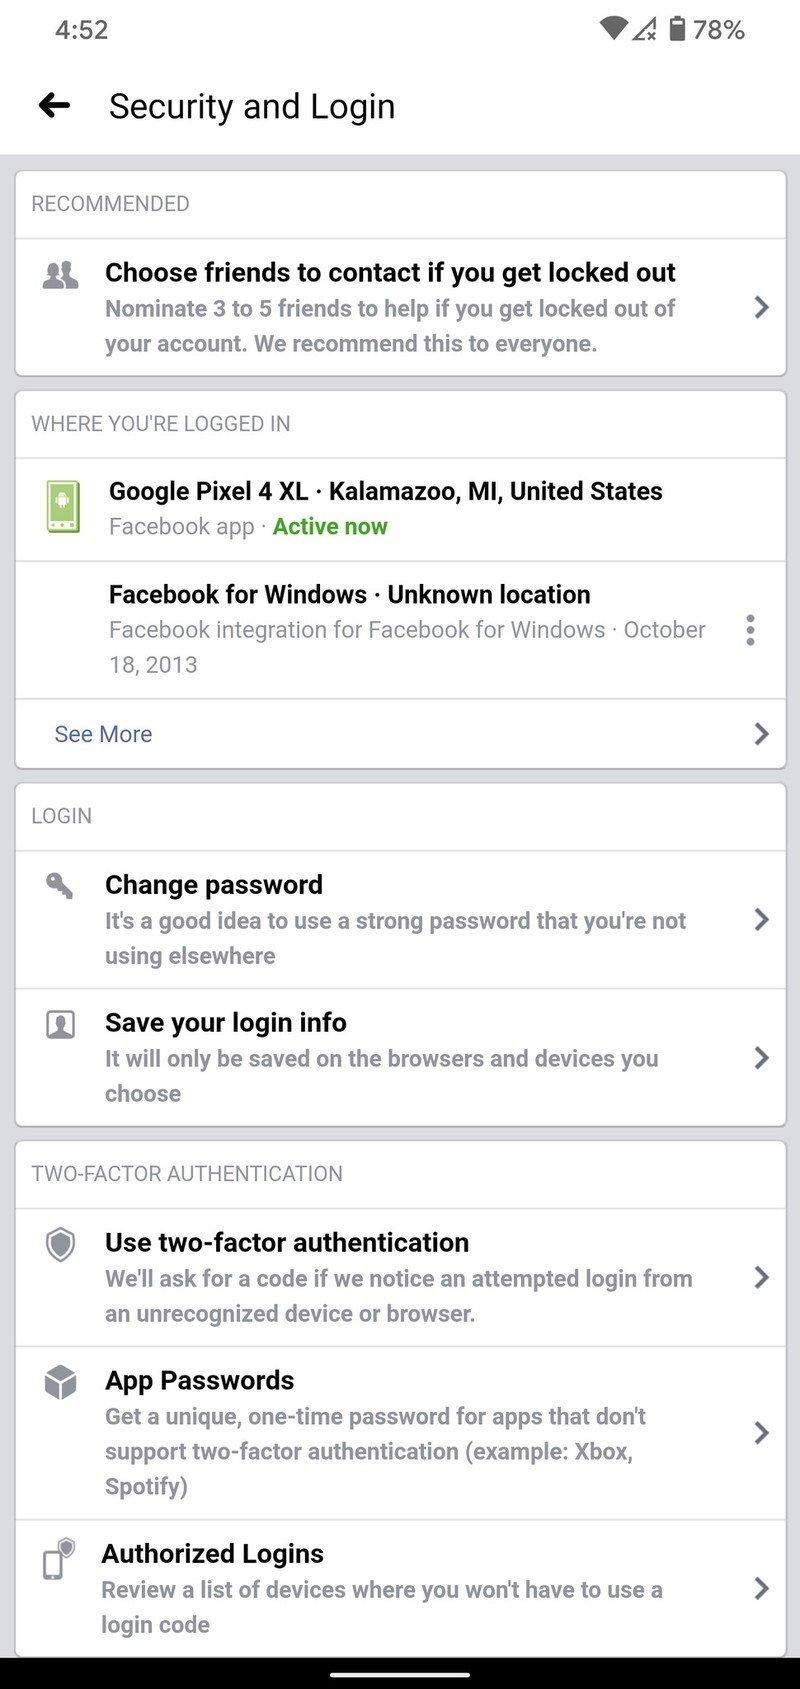 facebook-change-password-how-to-12.jpg?i